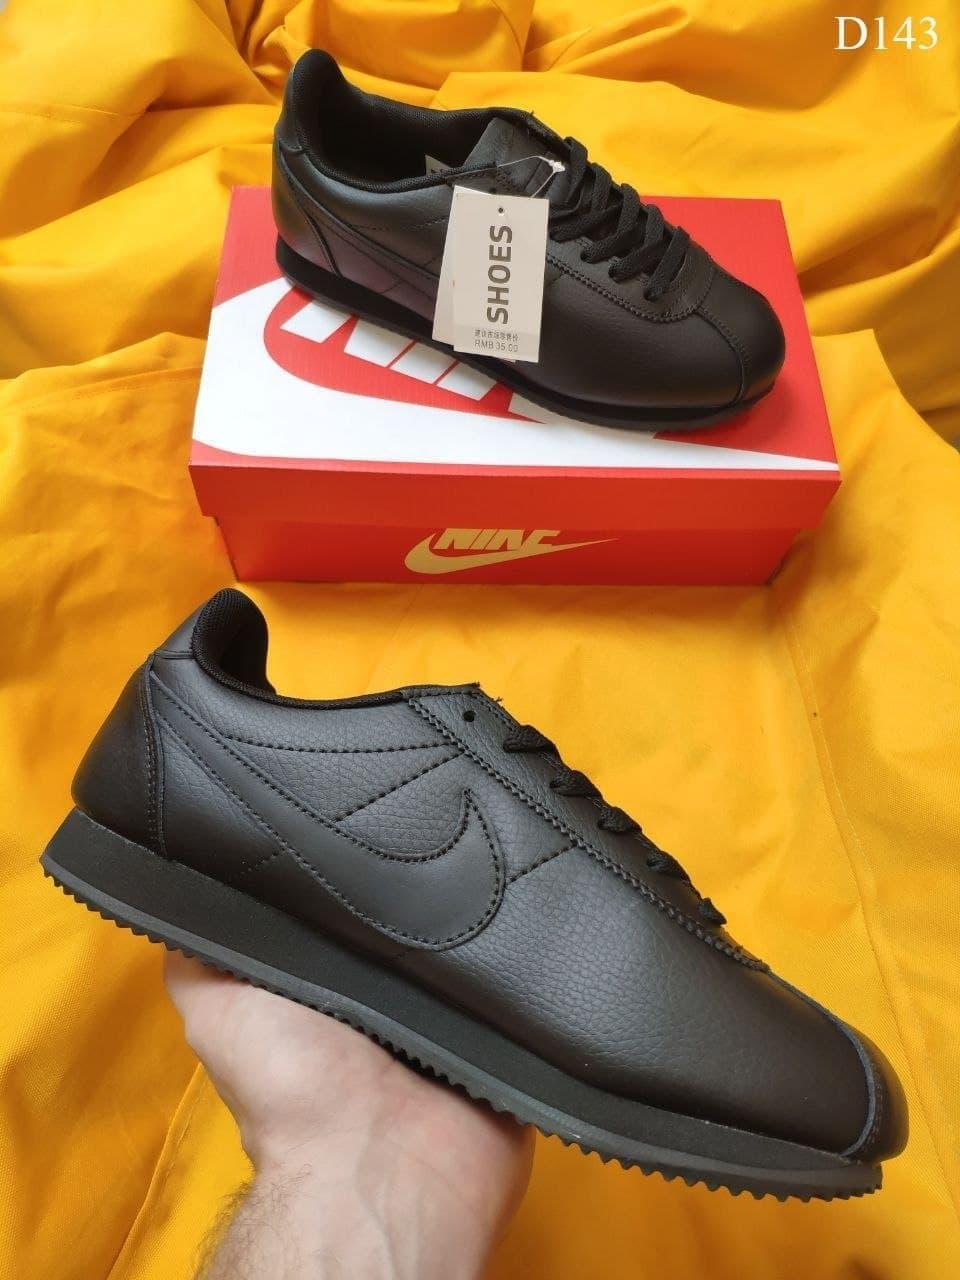 Мужские кроссовки Nike Cortez Classic (черные) топовые качественные кроссы D143